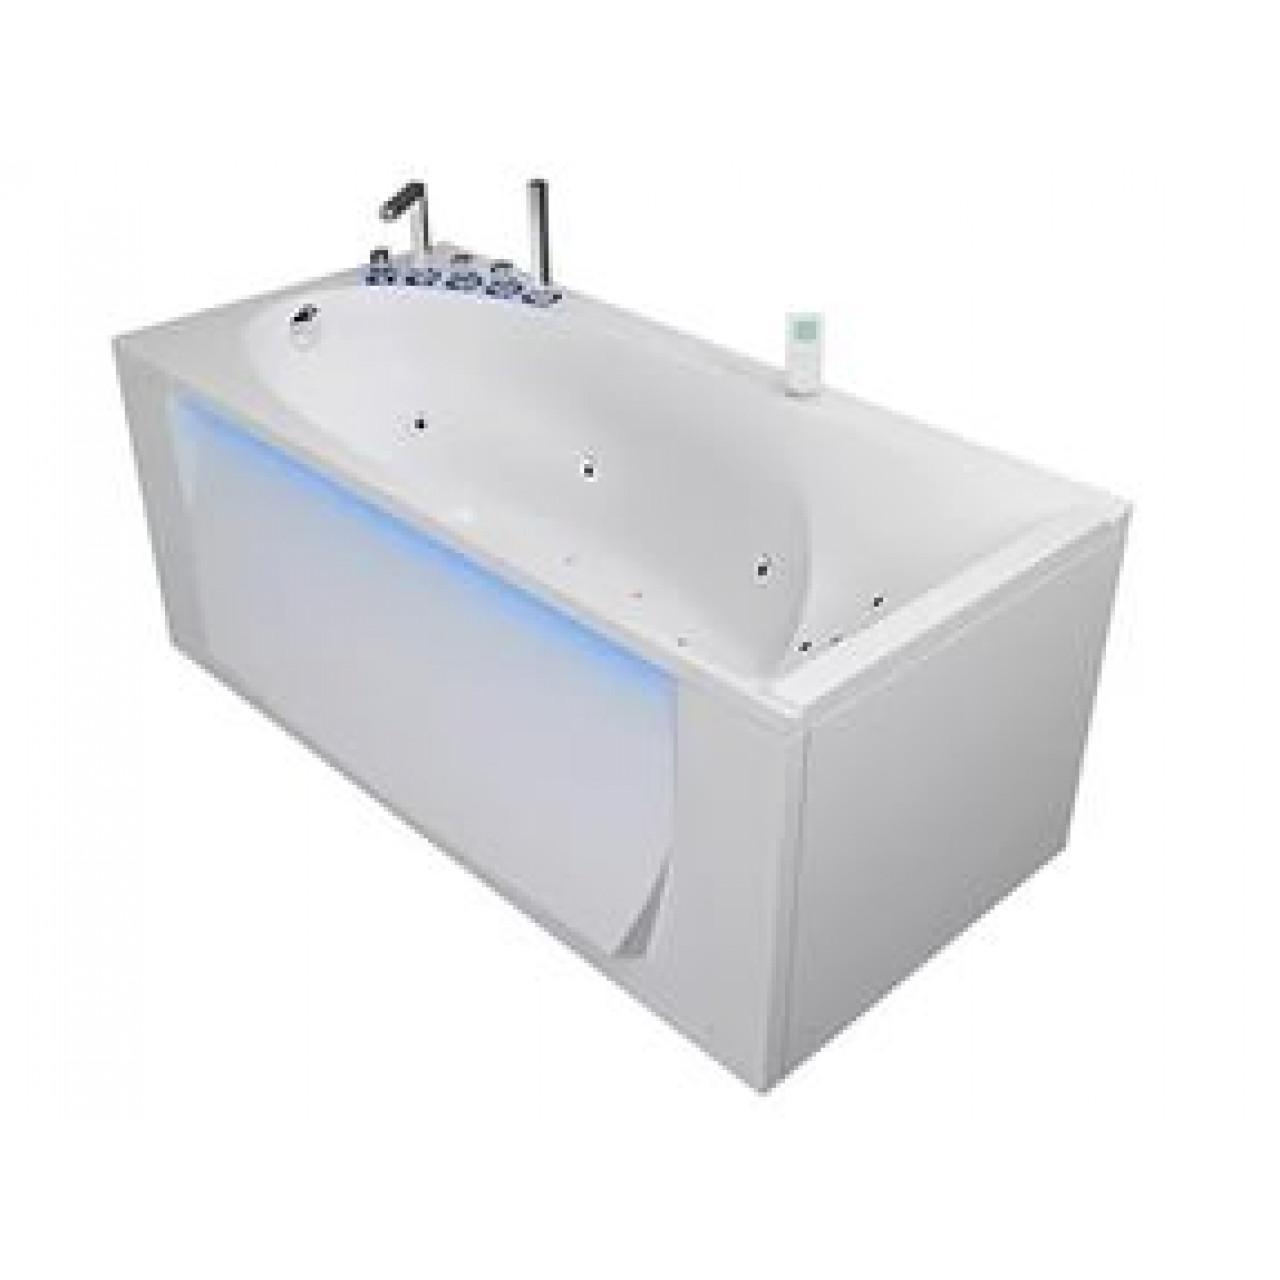 Акриловая ванна Акватика Кинетика Reflexa 170x80х61 купить в Москве по цене от 117032р. в интернет-магазине mebel-v-vannu.ru